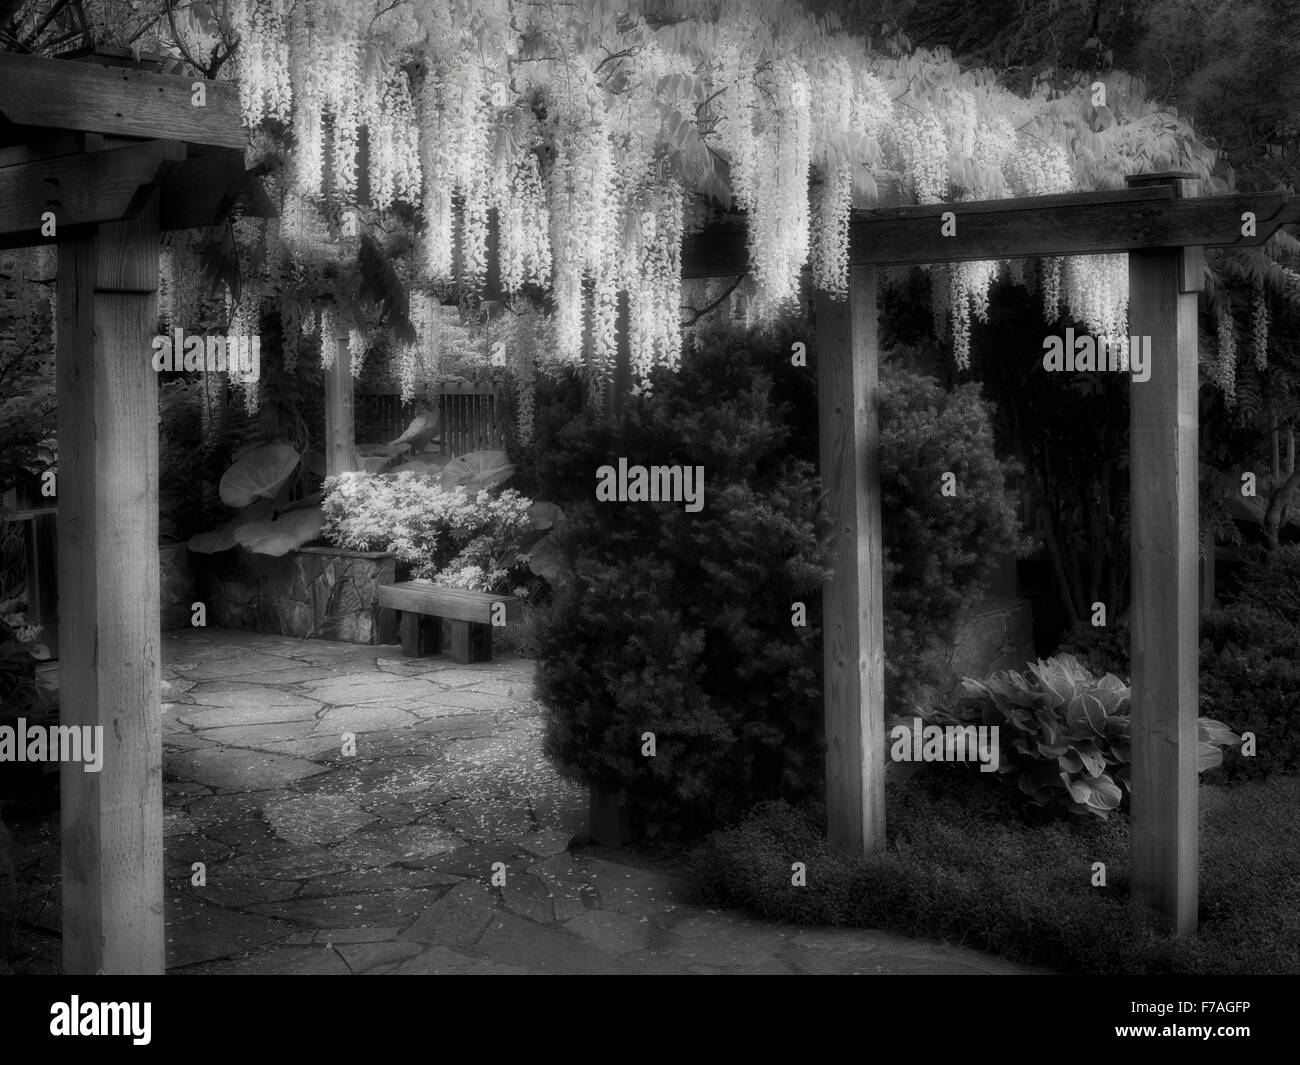 Wisteria trellis. The Oregon Garden. Silverton, Oregon - Stock Image